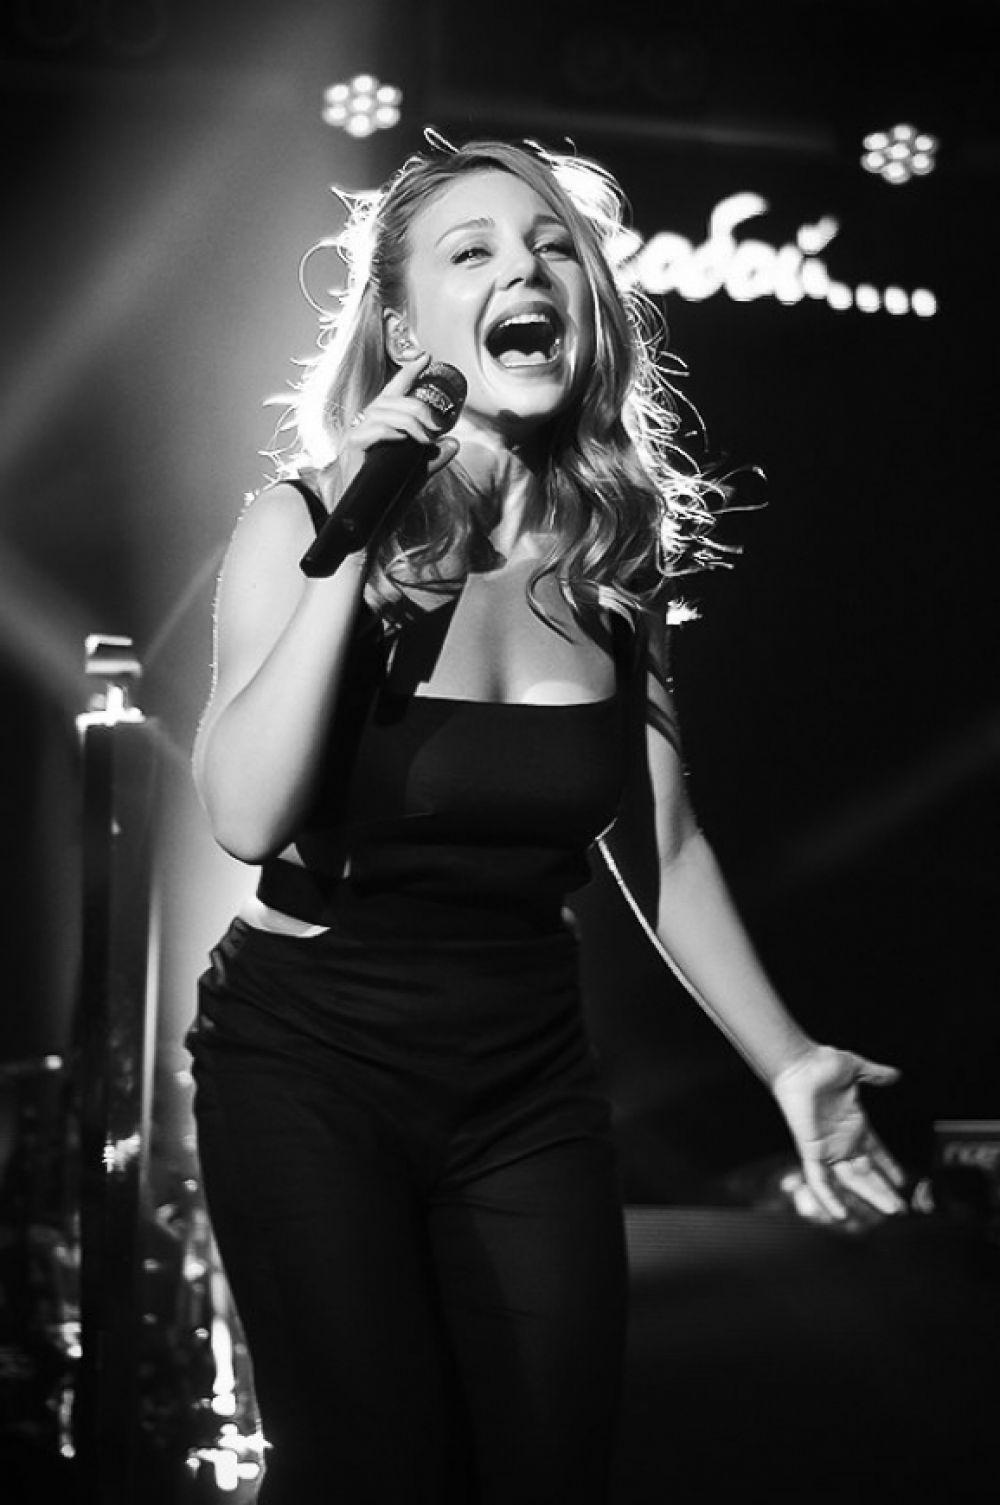 Тина Кароль в летнем концерте в ночном клубе Ibiza в Одессе (2014 г.)